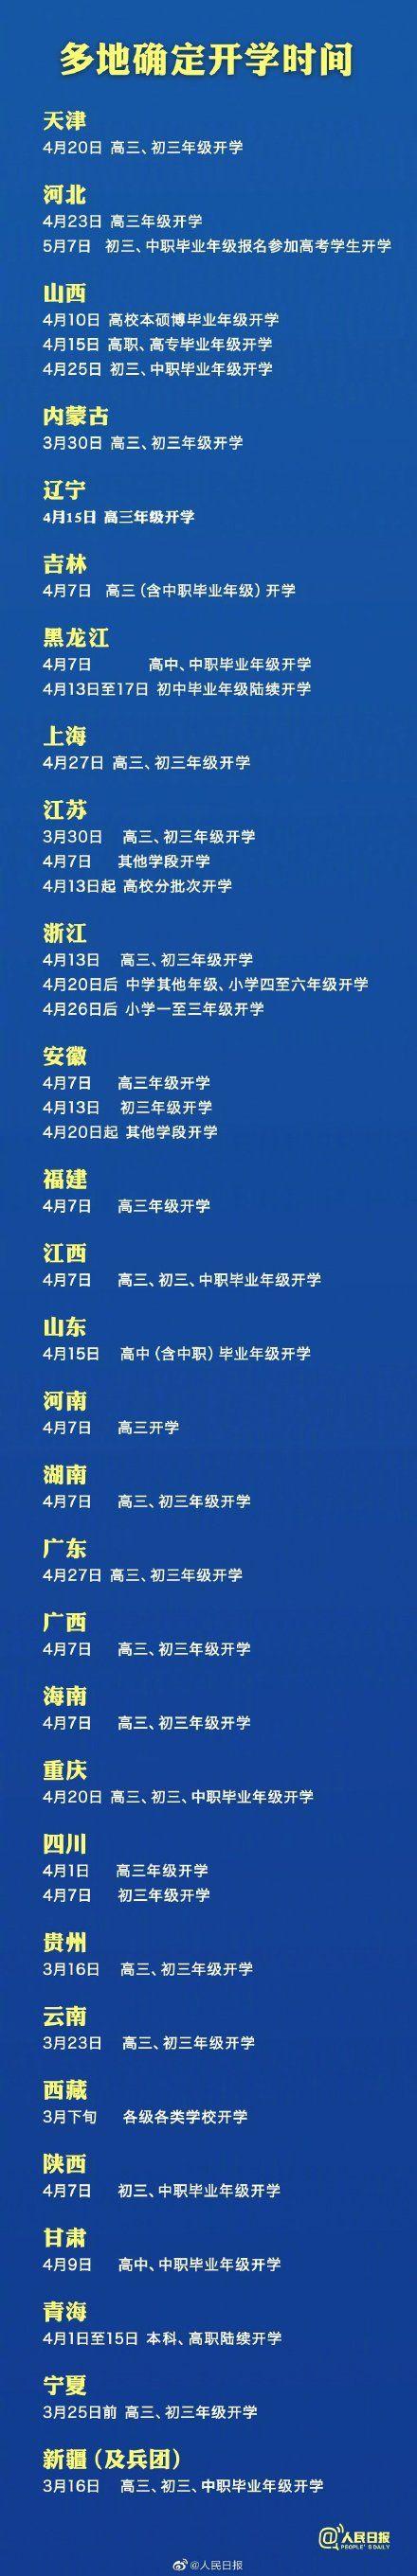 29省市已明确开学时间 北京什么时候公布?市教